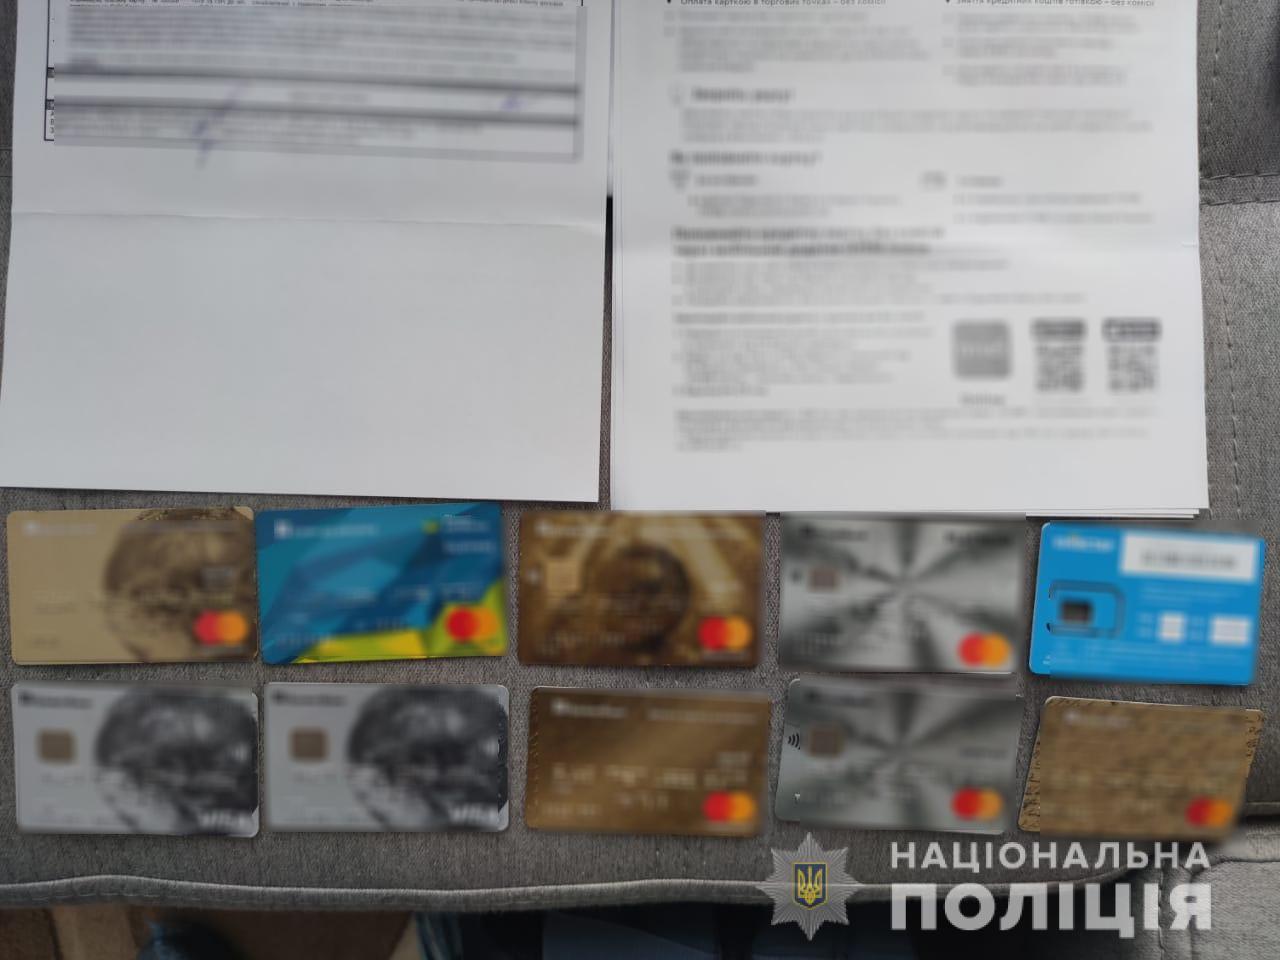 Cоздателя онлайн-обменника Украины обвинили в незаконных операциях